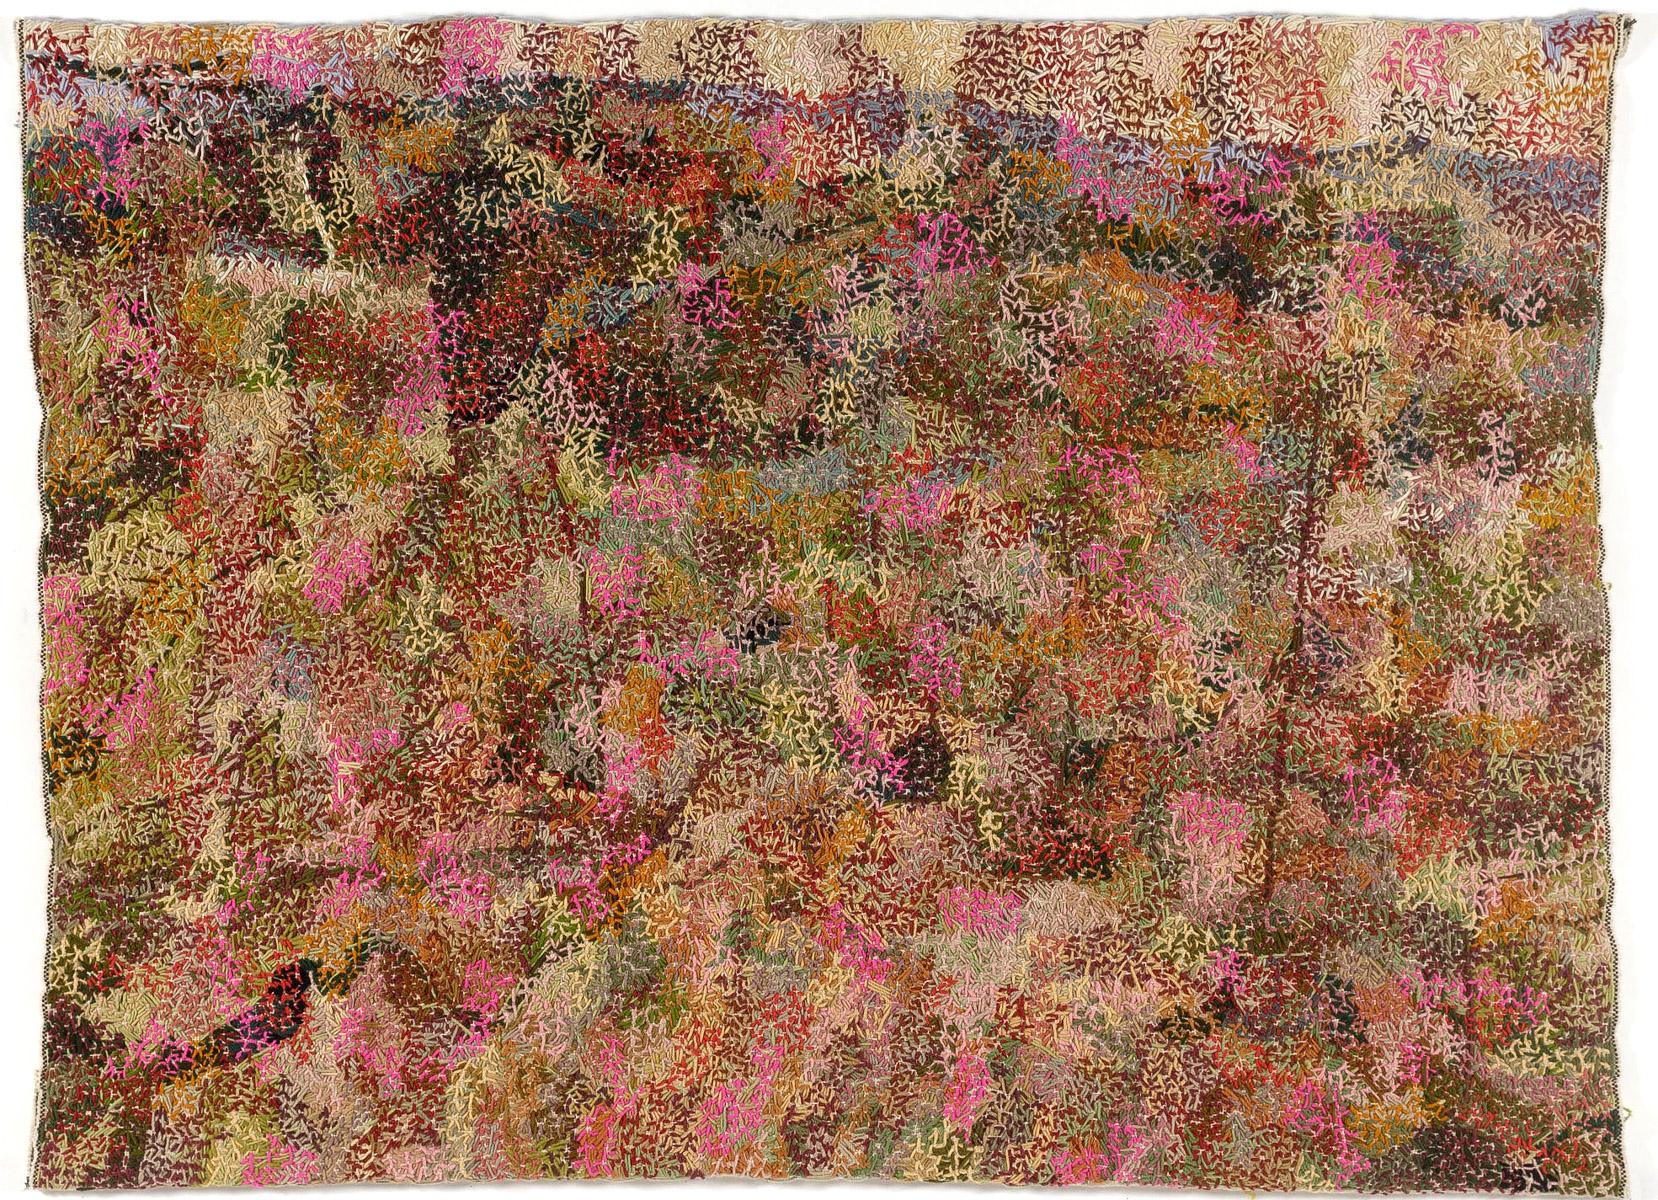 Filipe Rocha da Silva,Fertility Landscape II, 2015